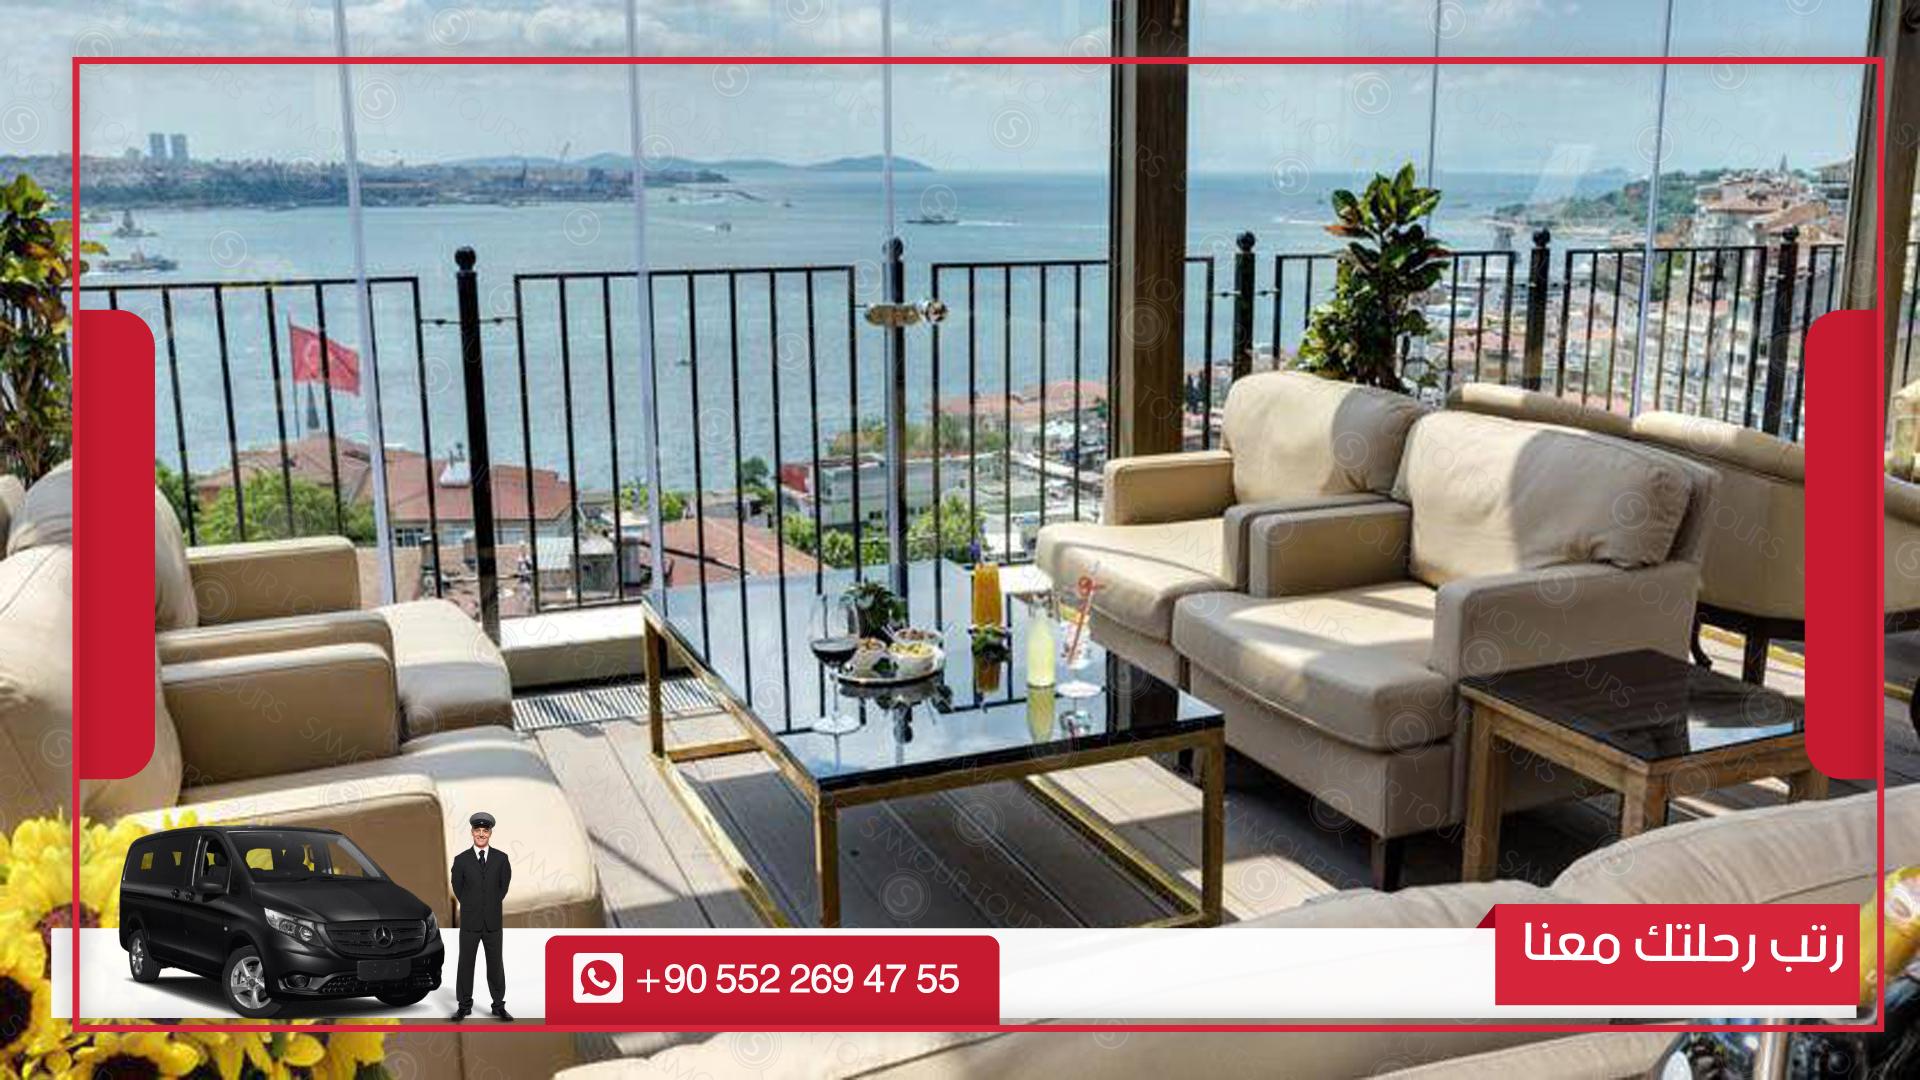 أفضل فنادق مدينة اسطنبول